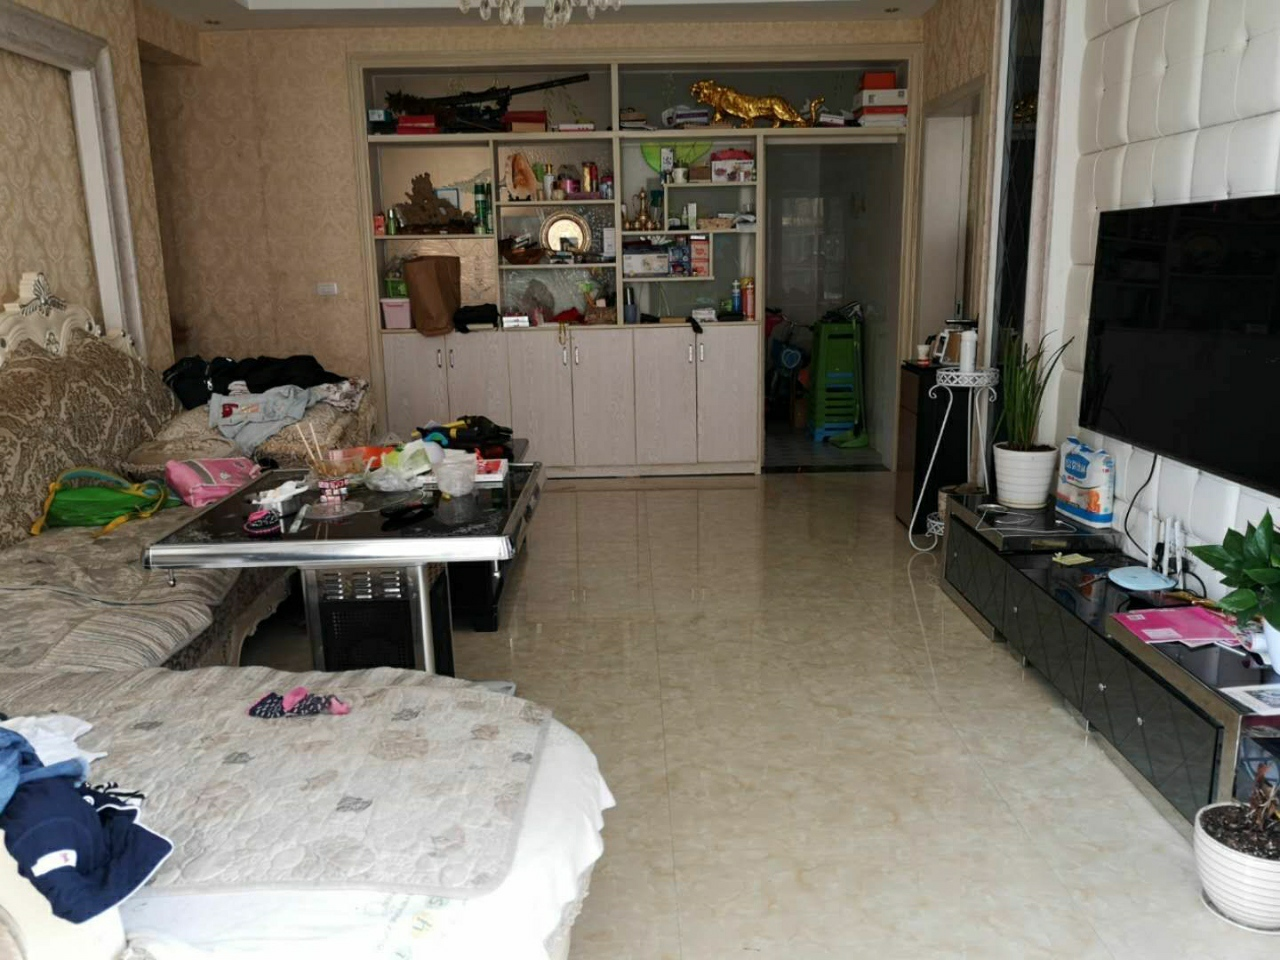 林泉辰龙花园4室 2厅 2卫59.8万元